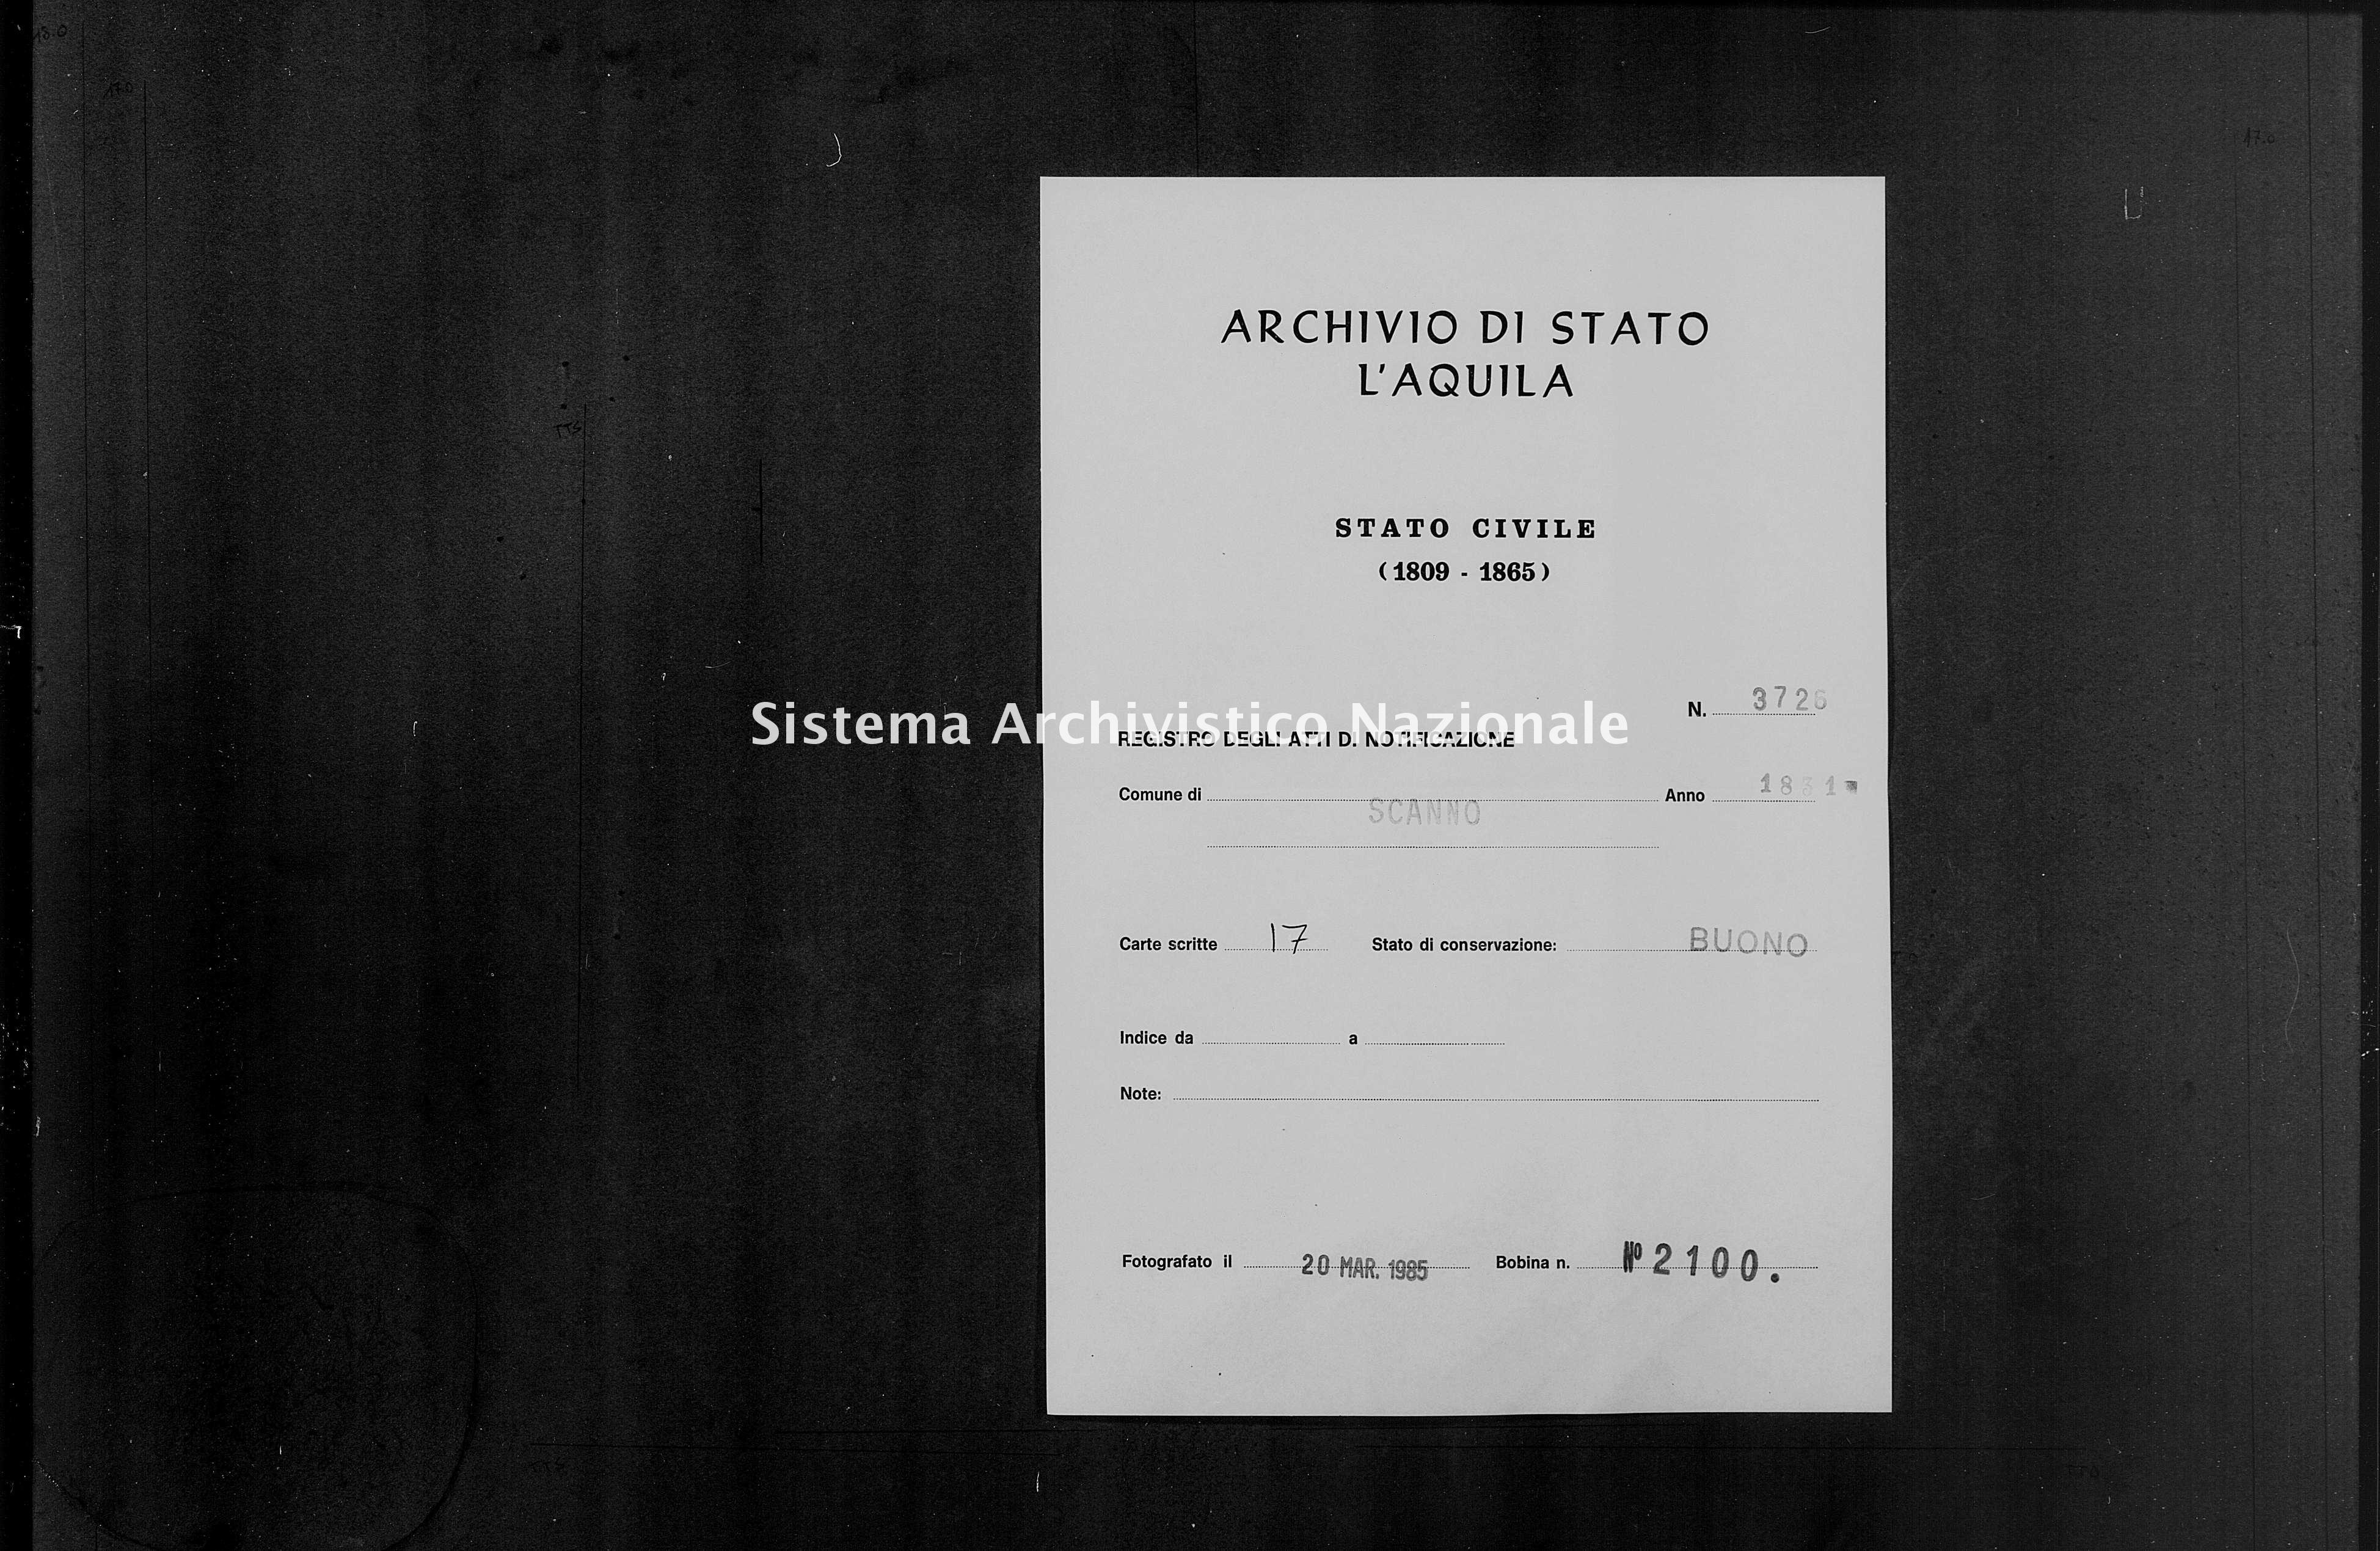 Archivio di stato di L'aquila - Stato civile della restaurazione - Scanno - Matrimoni, memorandum notificazioni ed opposizioni - 1831 - 3726 -